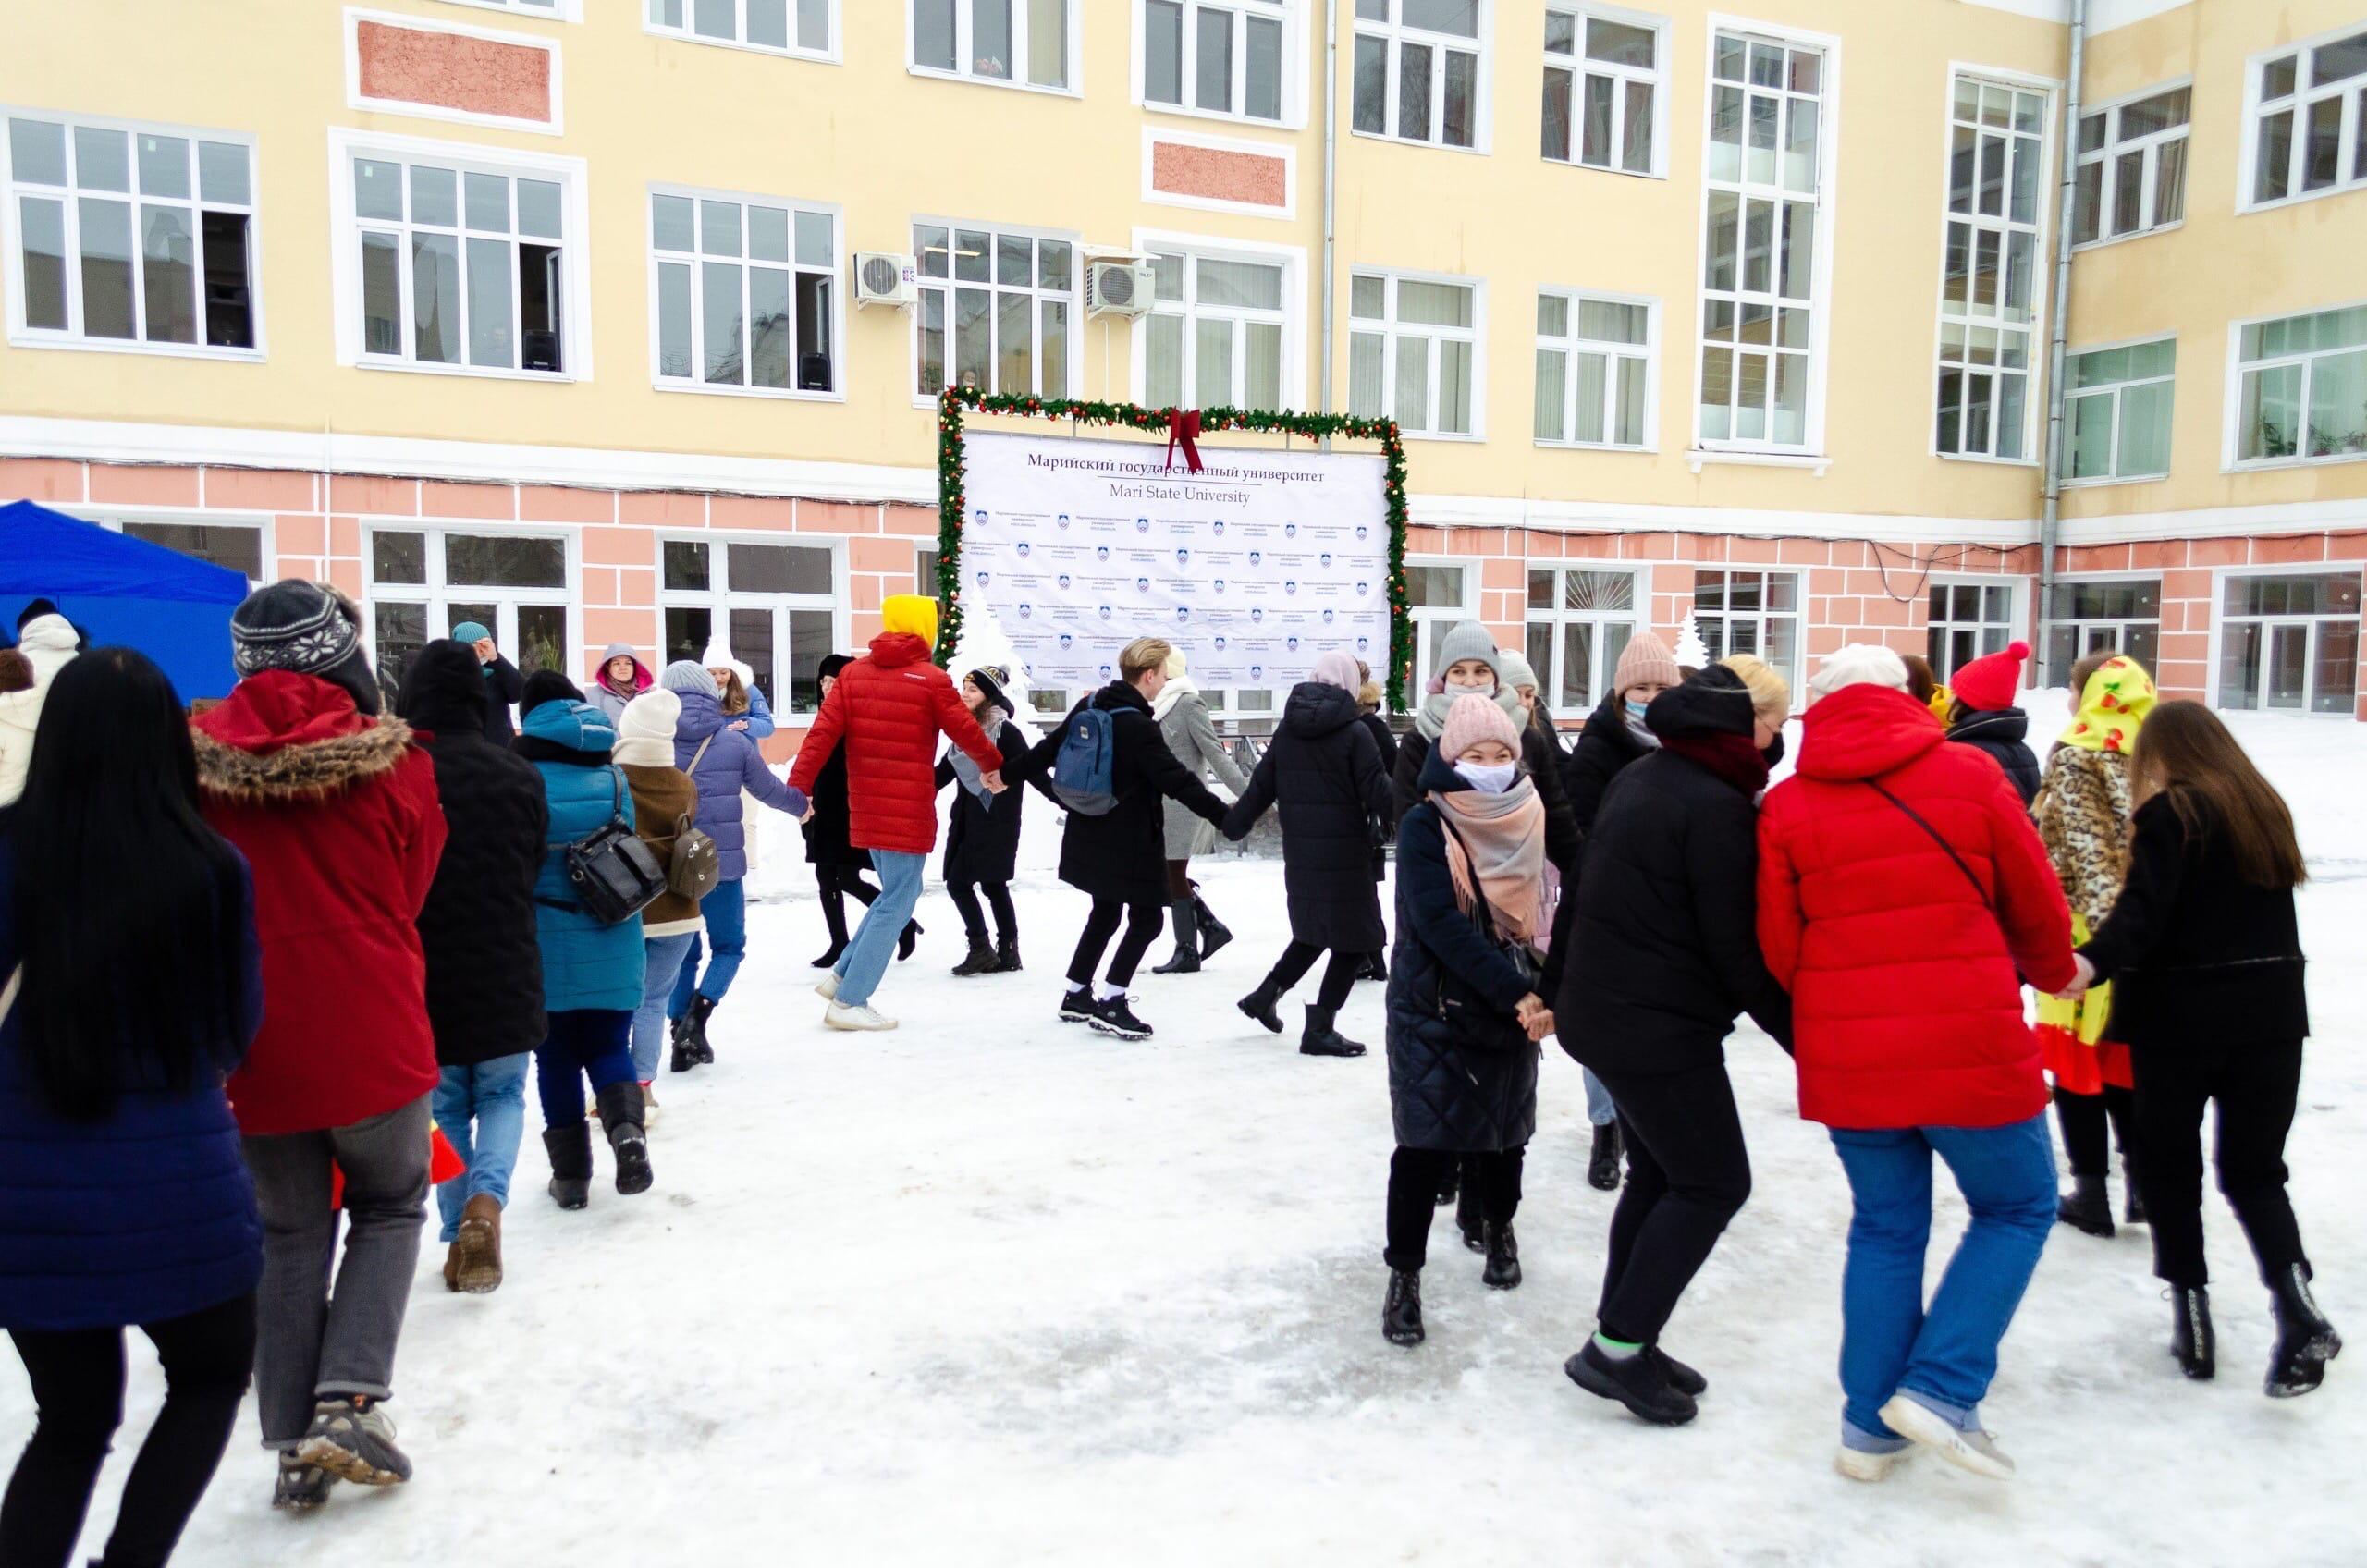 Самая спортивная и самая студенческая: как прошла спортивная студенческая ночь в регионах России, изображение №68